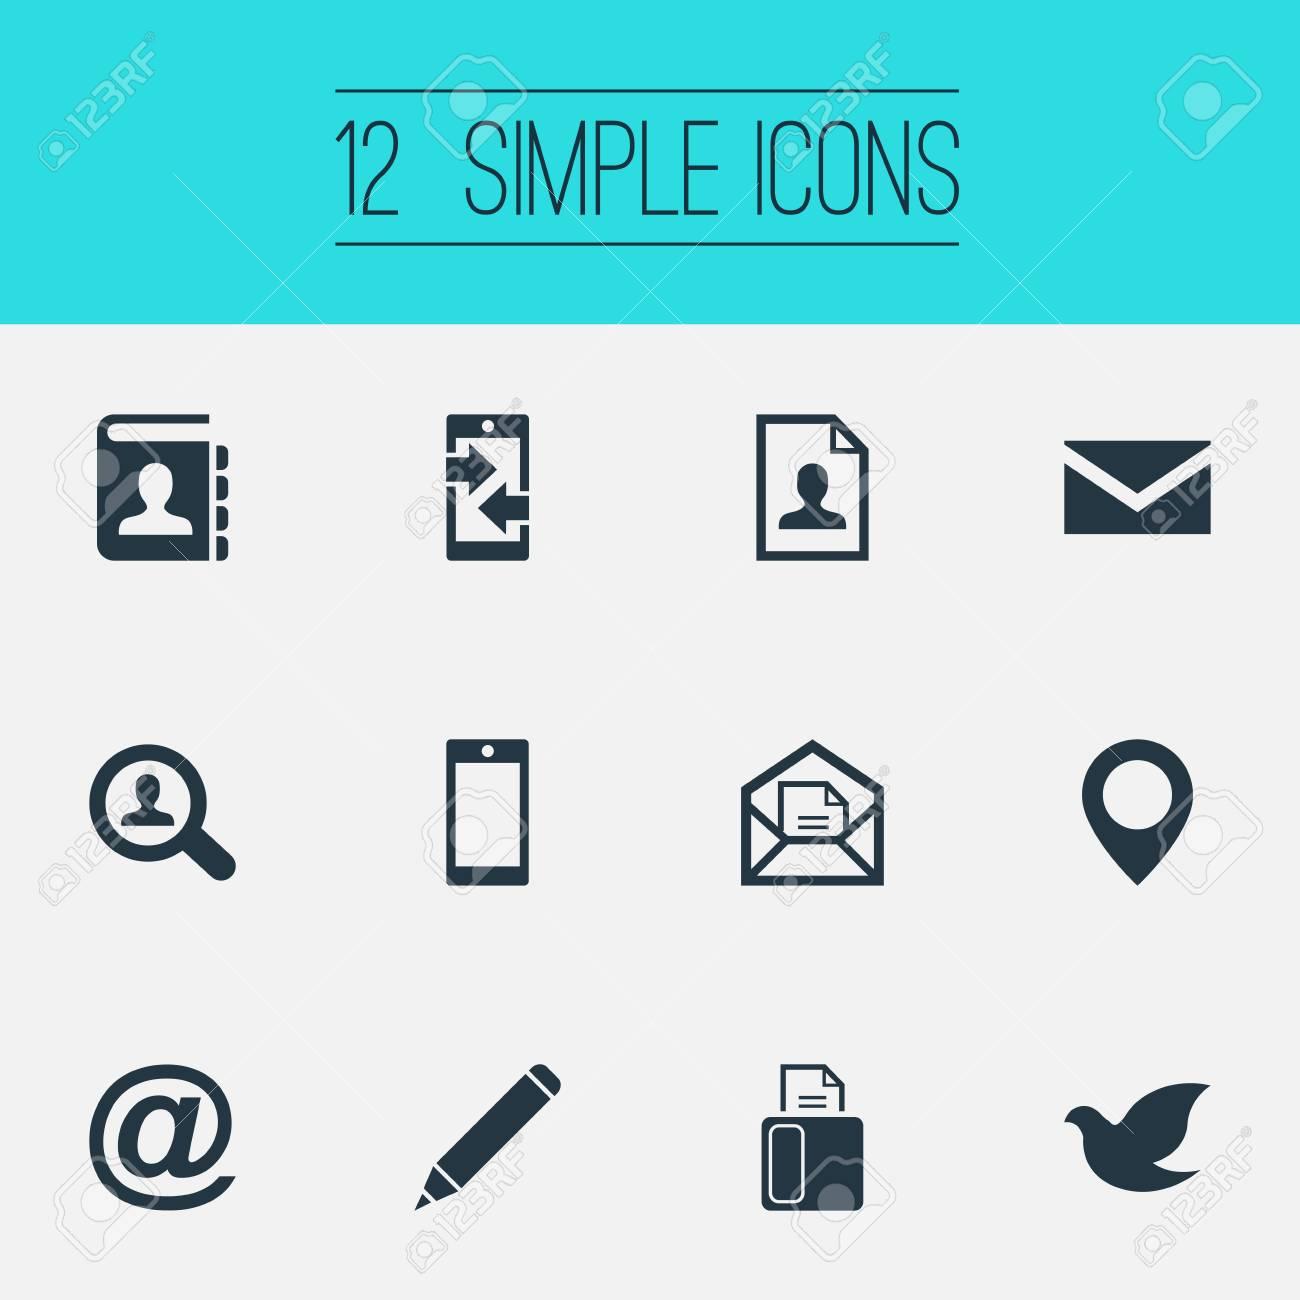 Ilustracion Vectorial Conjunto De Iconos De Comunicacion Simple